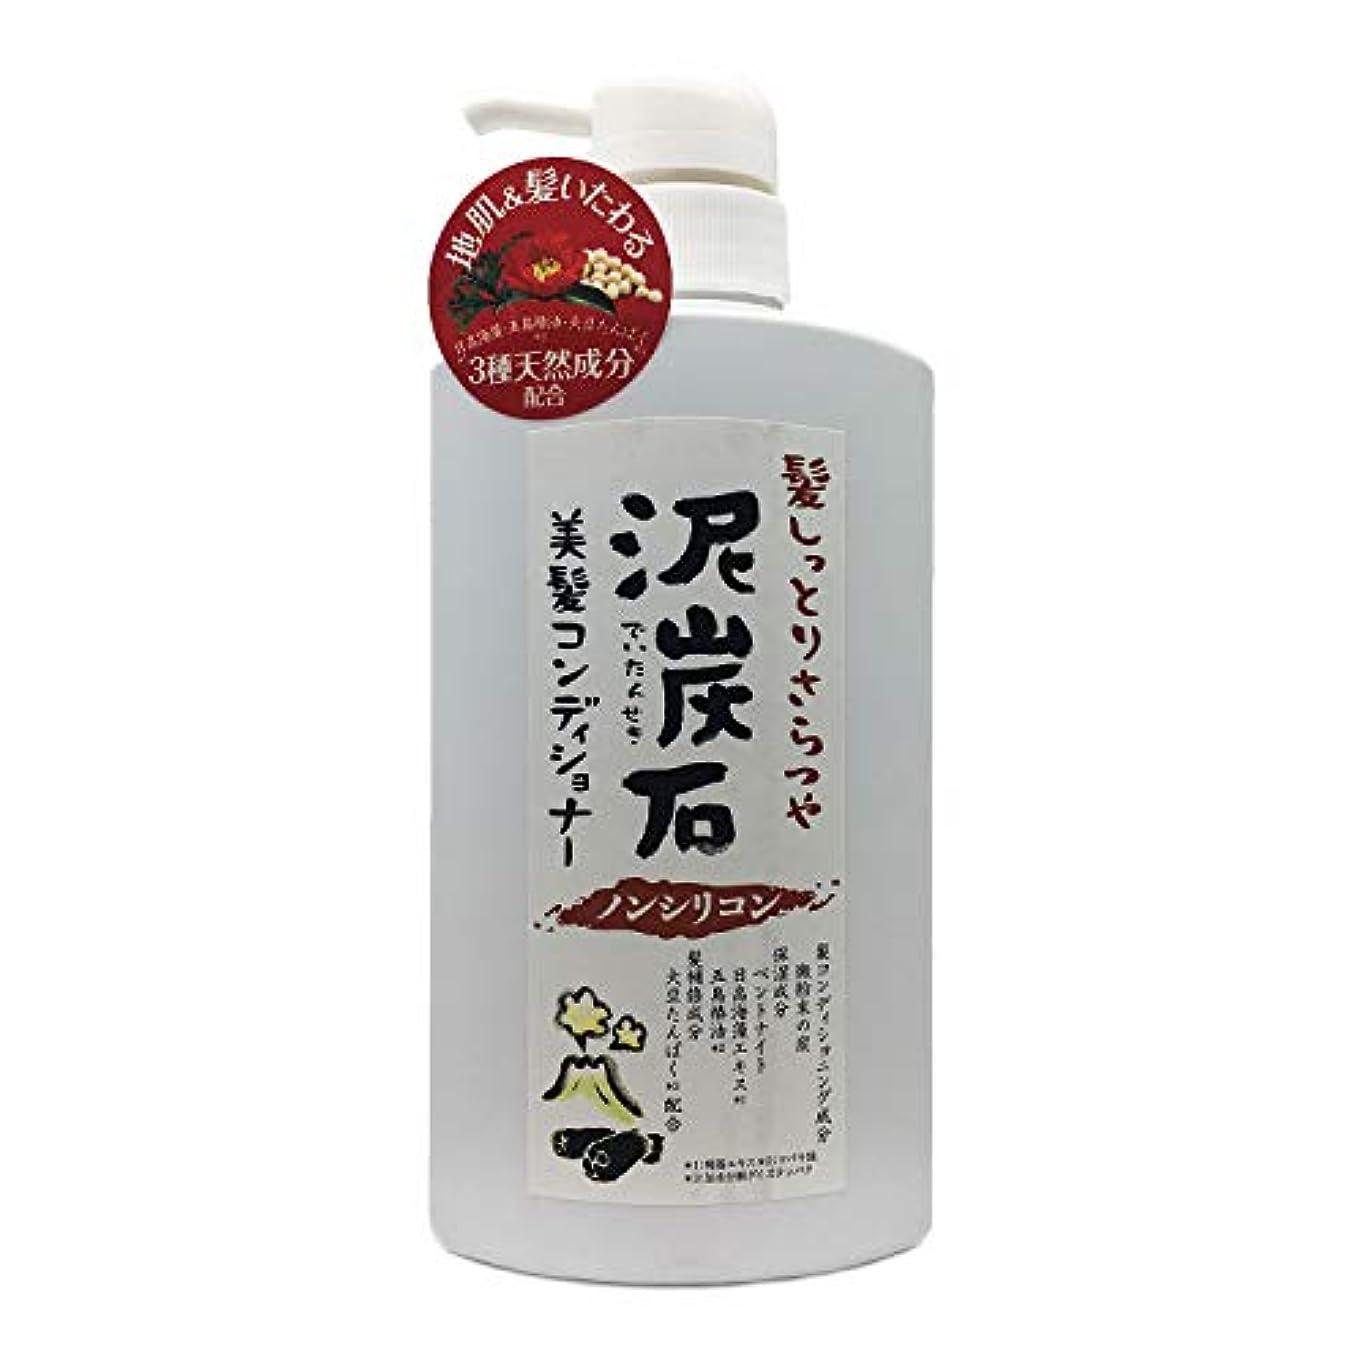 タック食物すごいペリカン石鹸 泥炭石 美髪コンディショナー 500ml